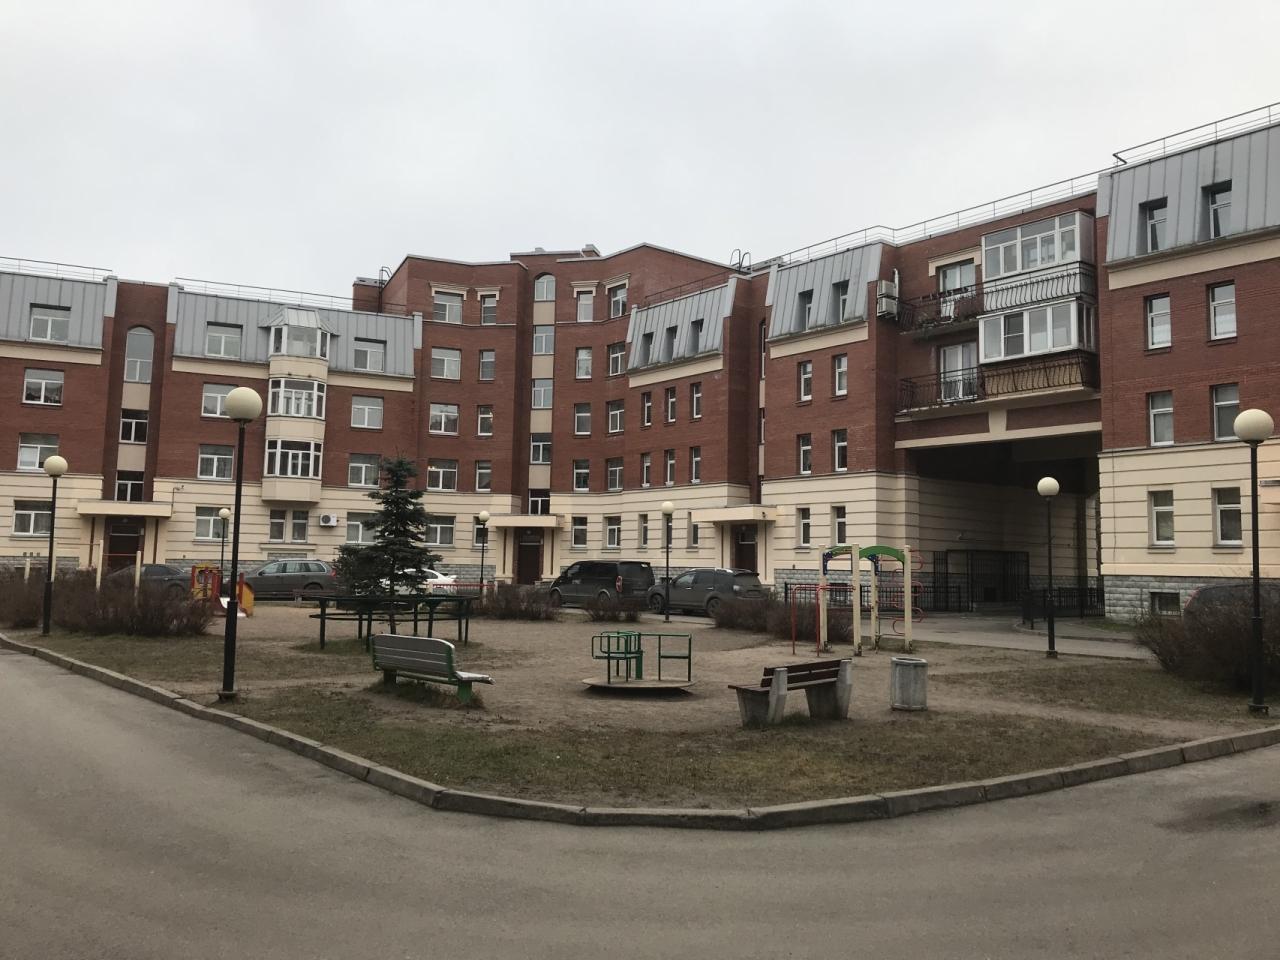 http://kolway.pro.bkn.ru/images/s_big/88e6e65a-d04a-11e7-b300-448a5bd44c07.jpg